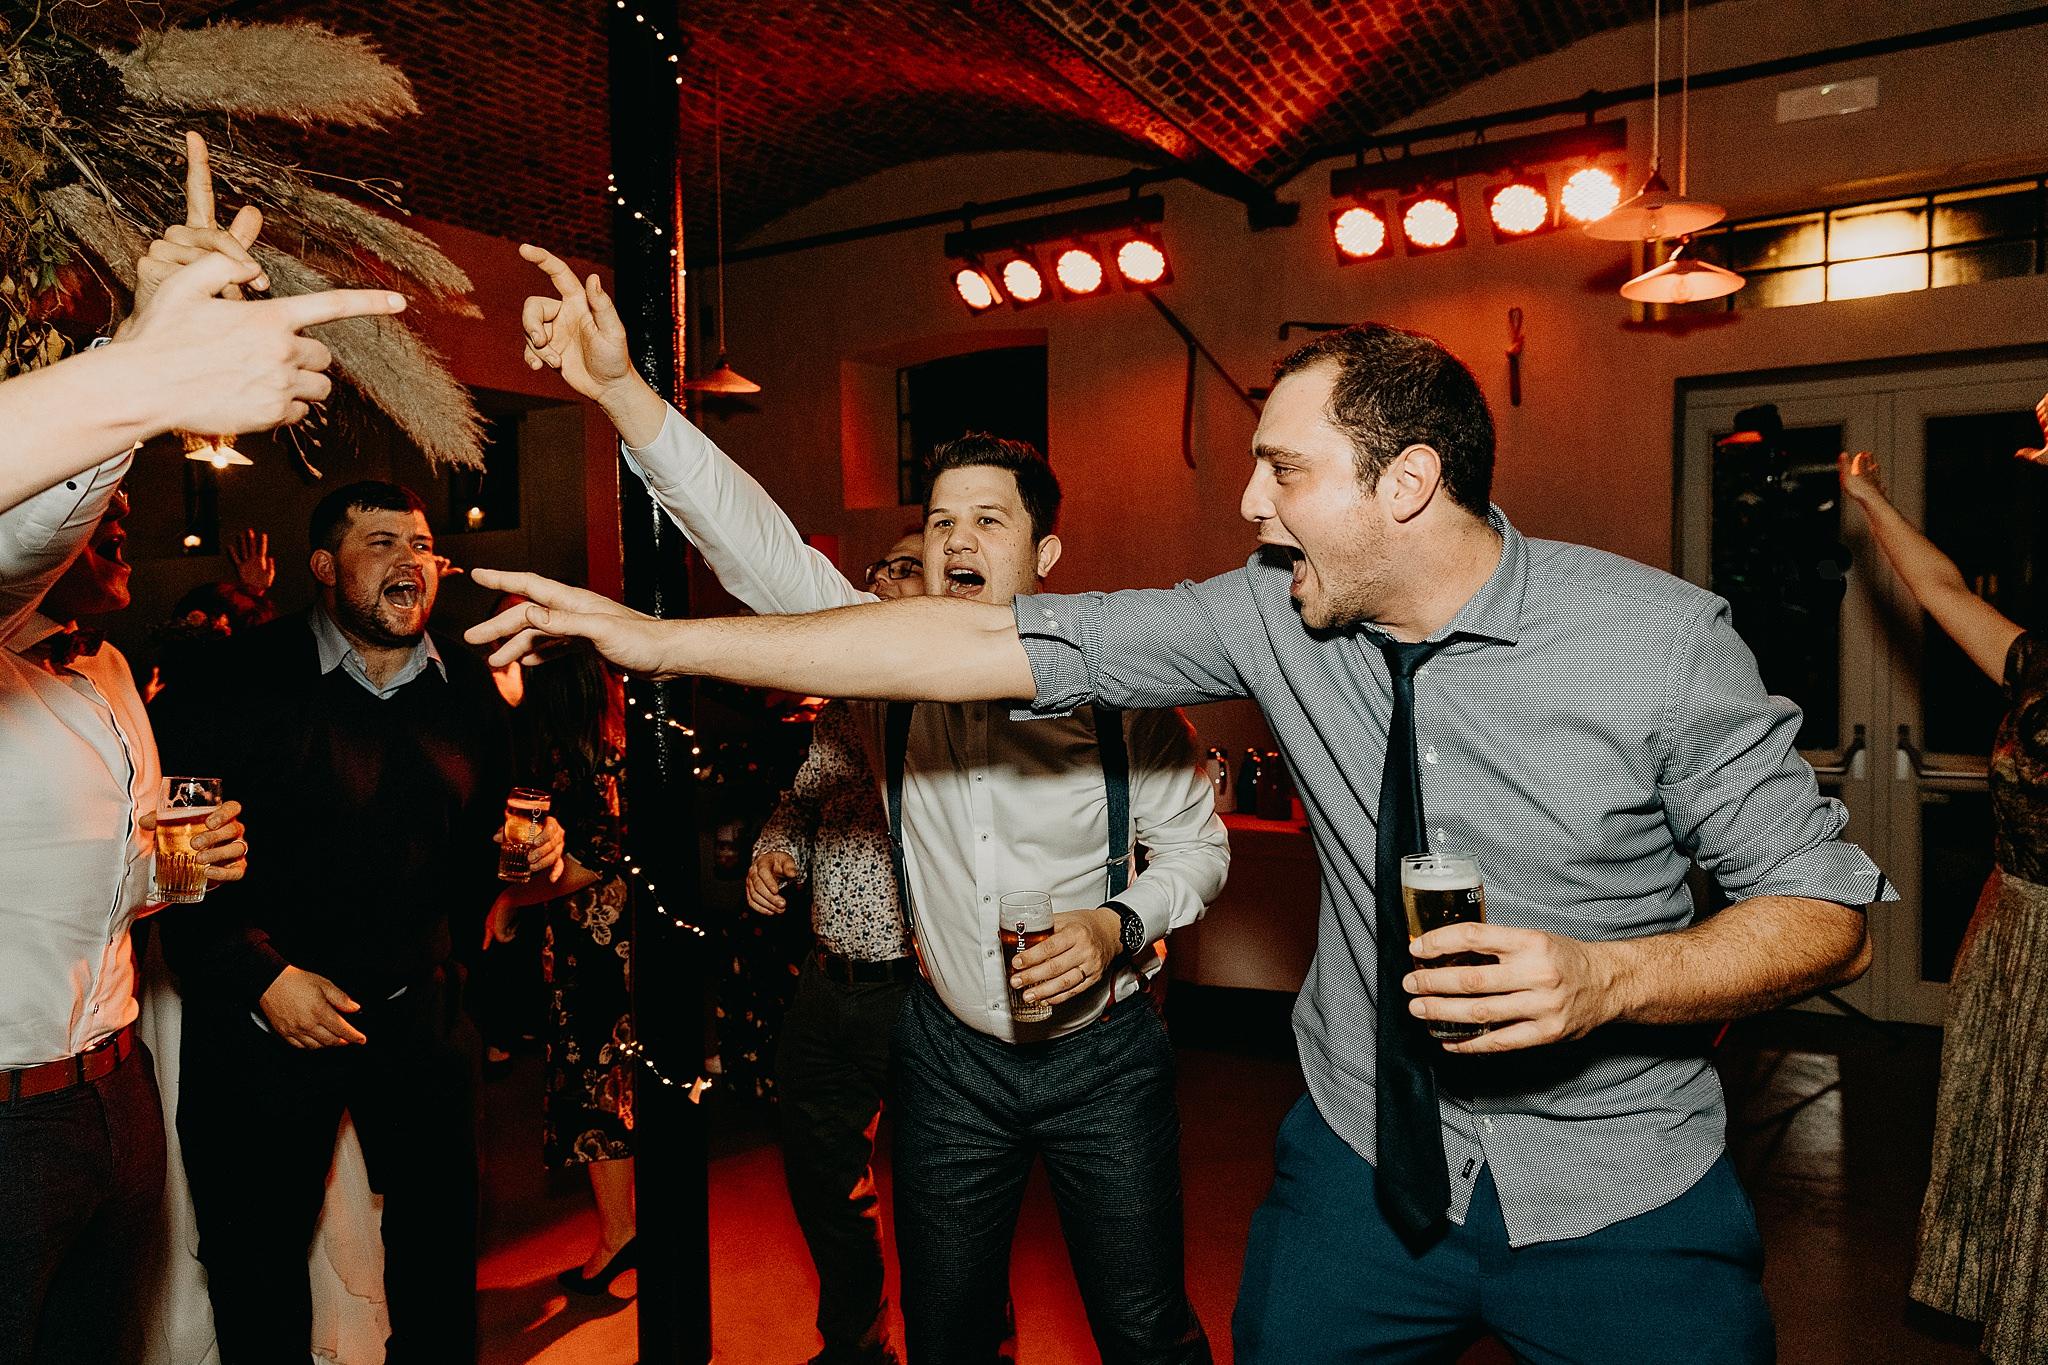 Aulnenhof vrienden dansfeest huwelijk plezier